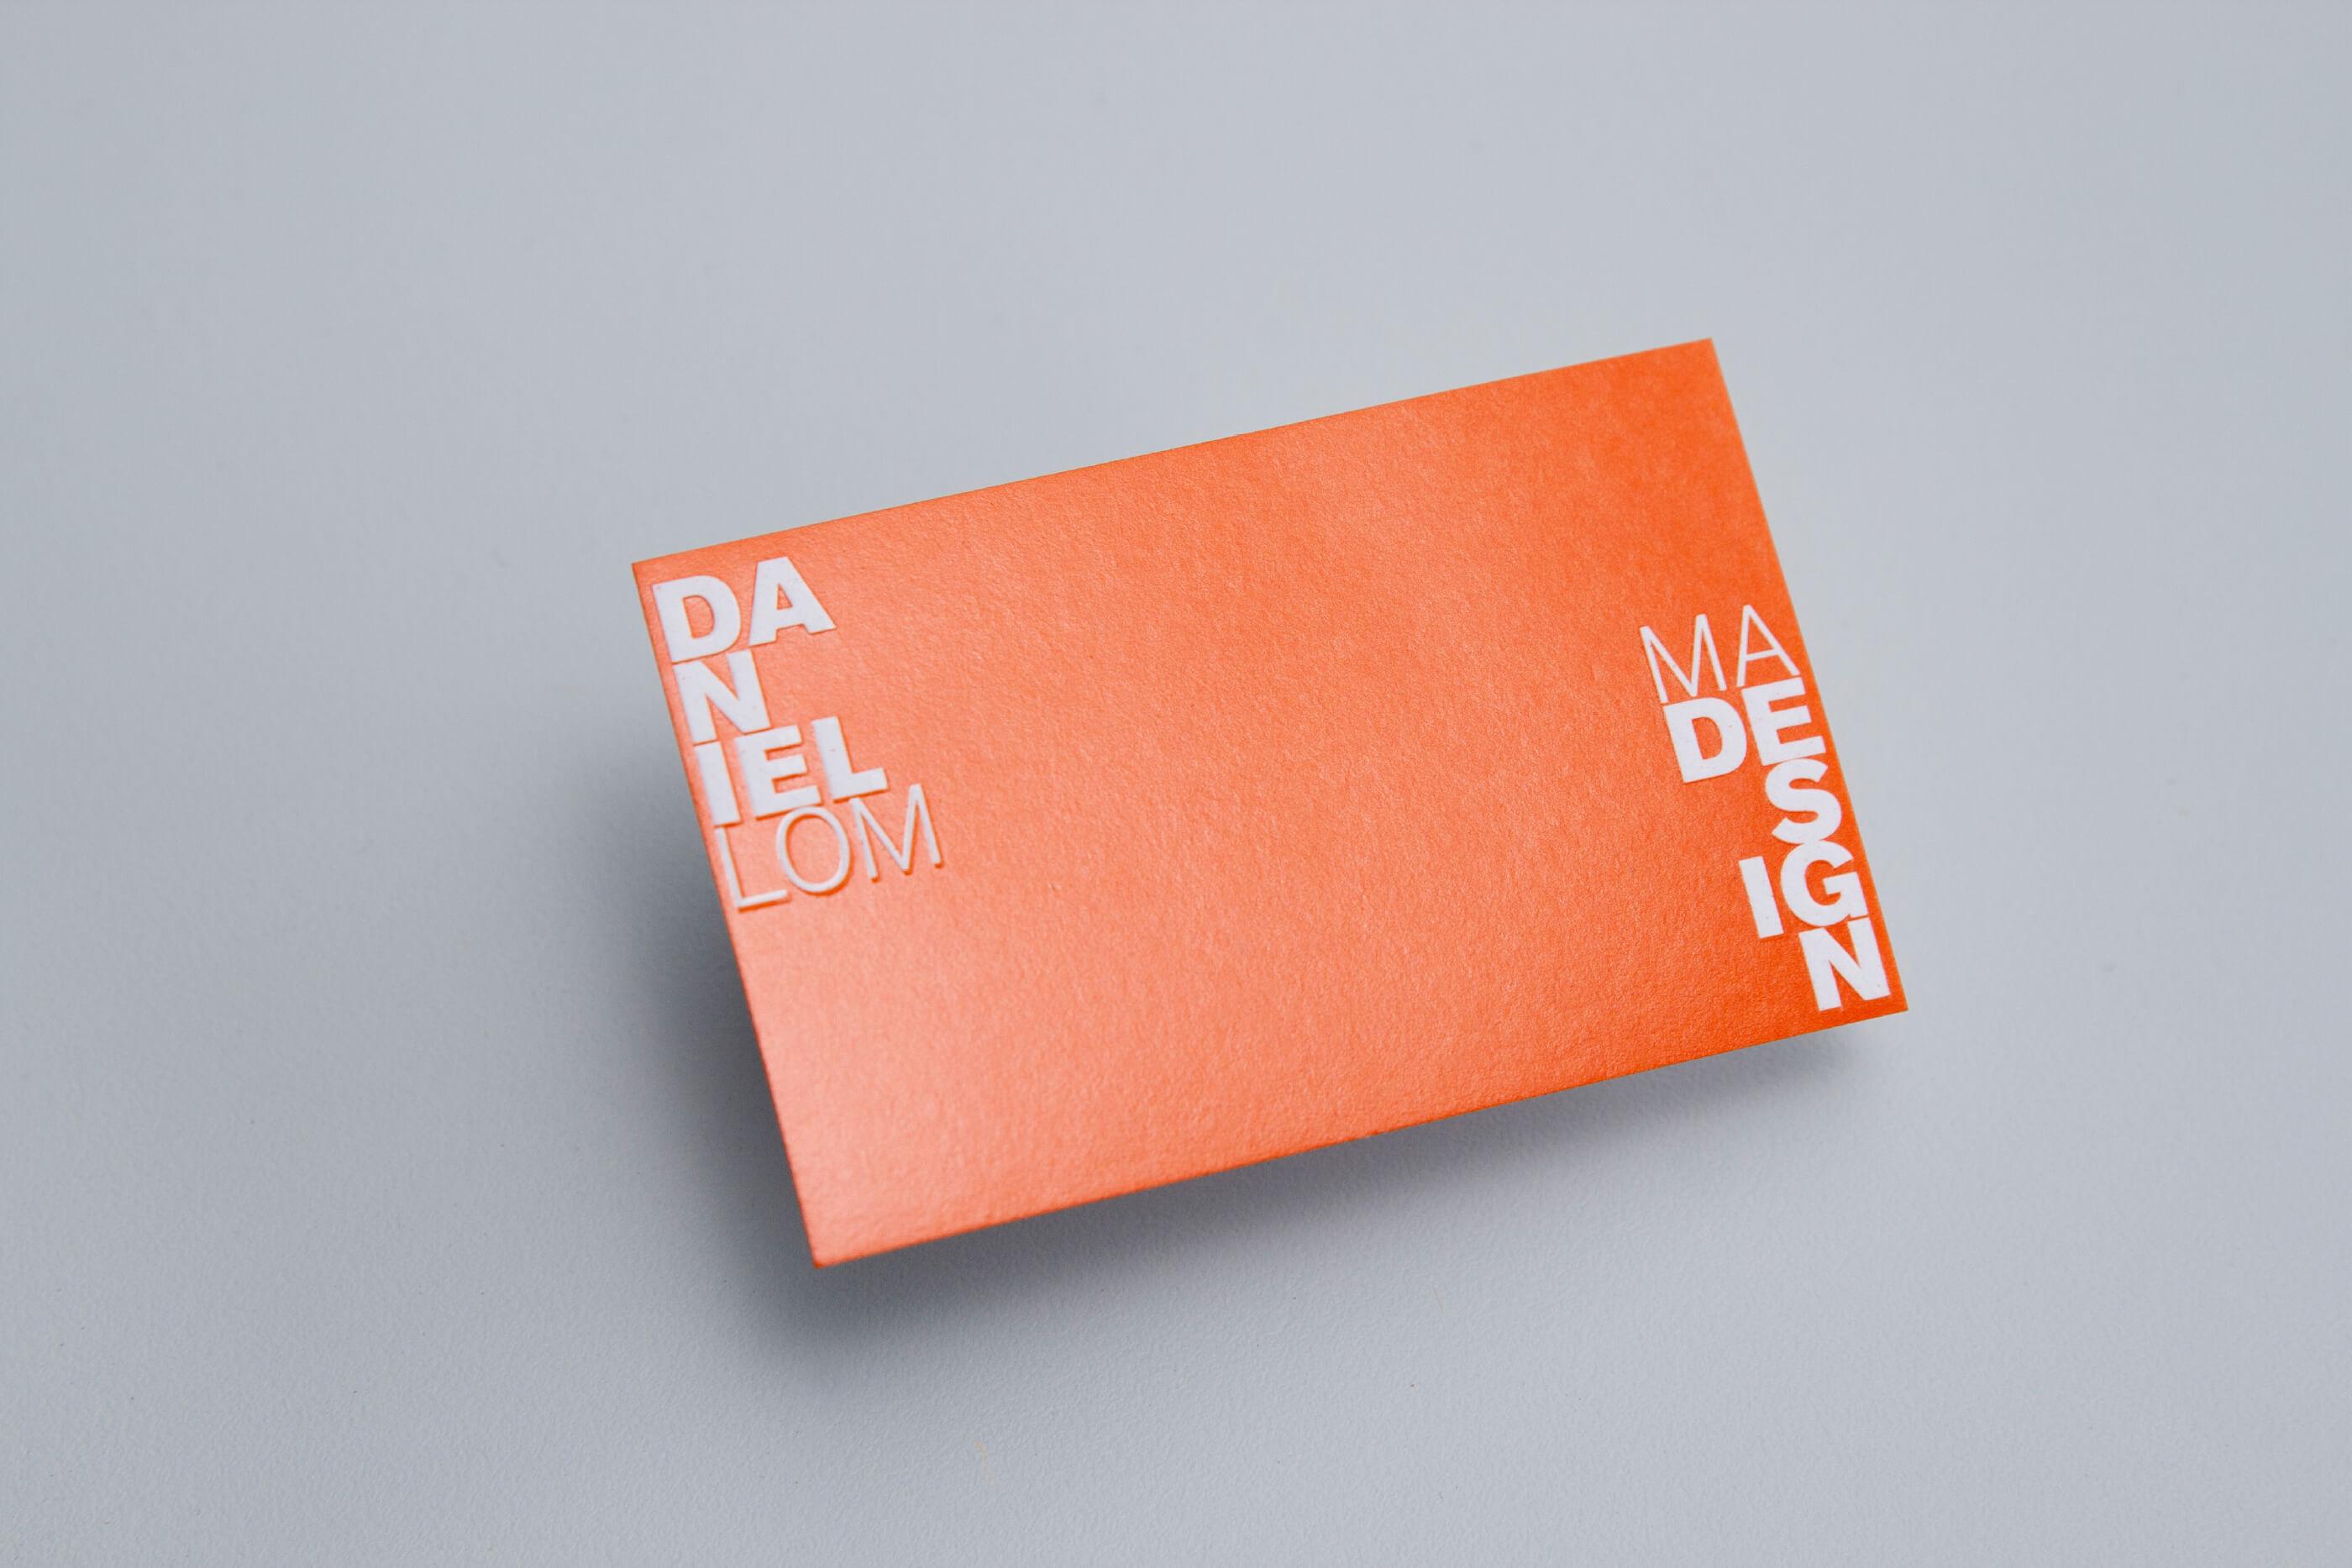 daniel_lomma_business_card